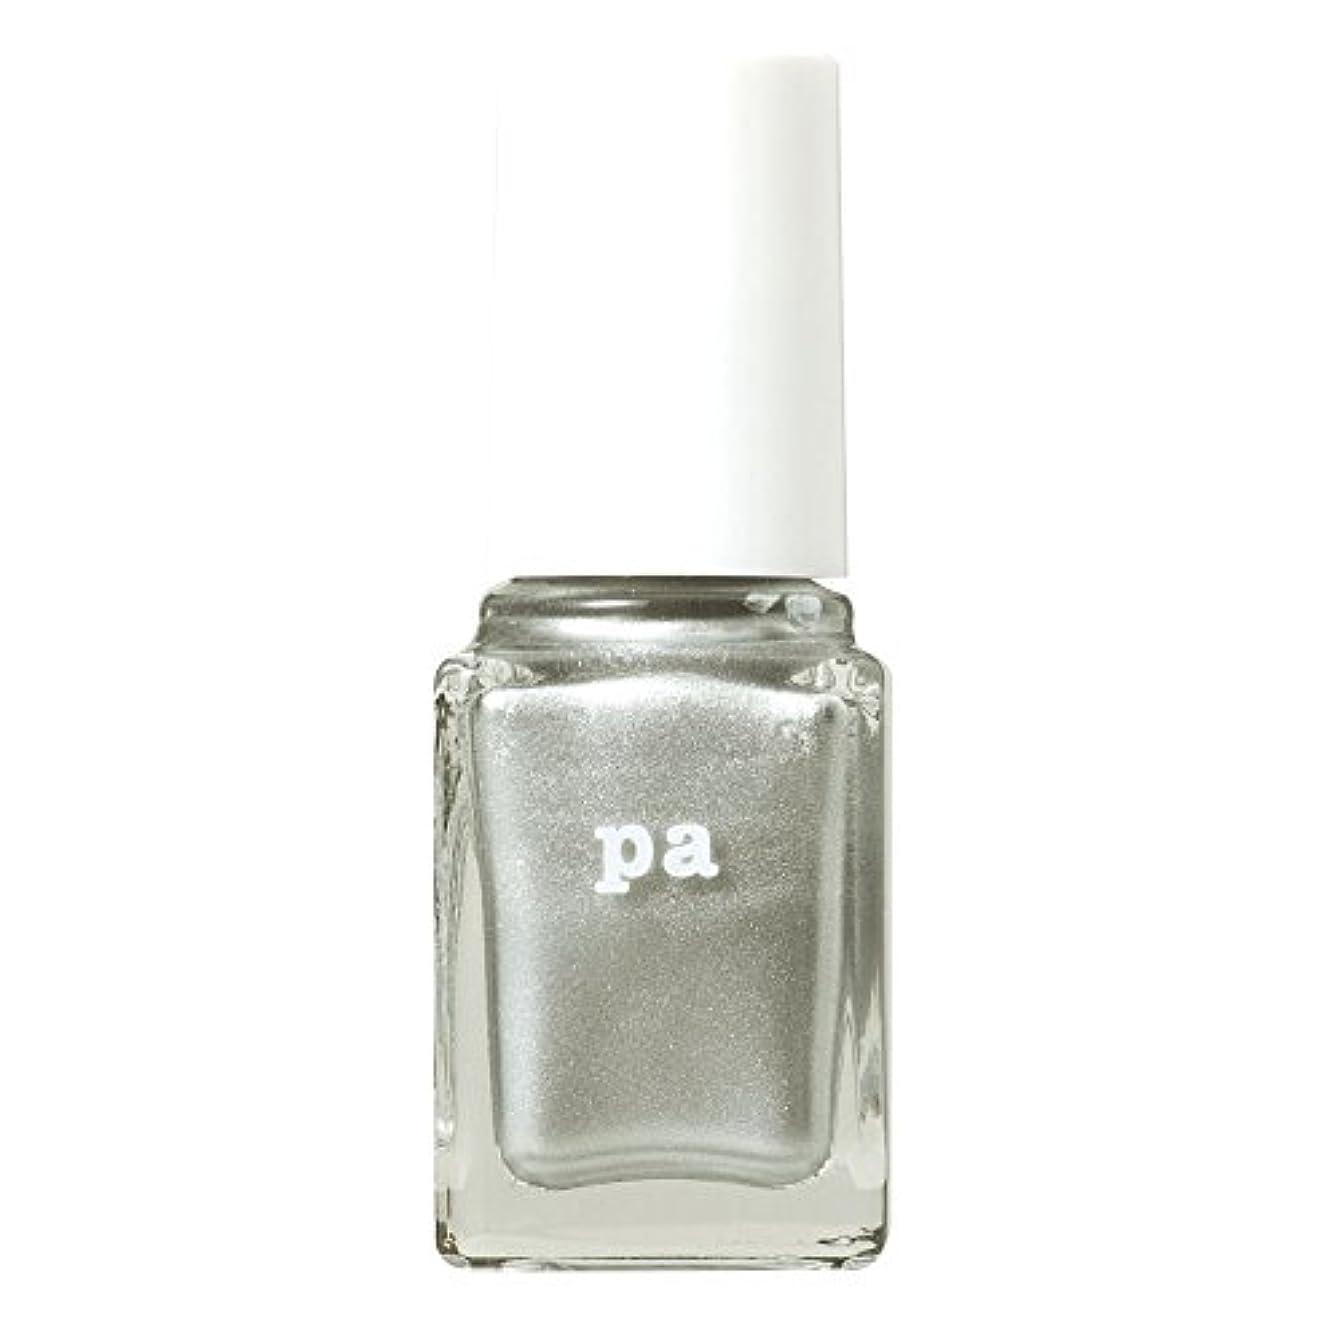 罪悪感色合い甘くするpa ネイルカラープレミア AA168 (6mL)